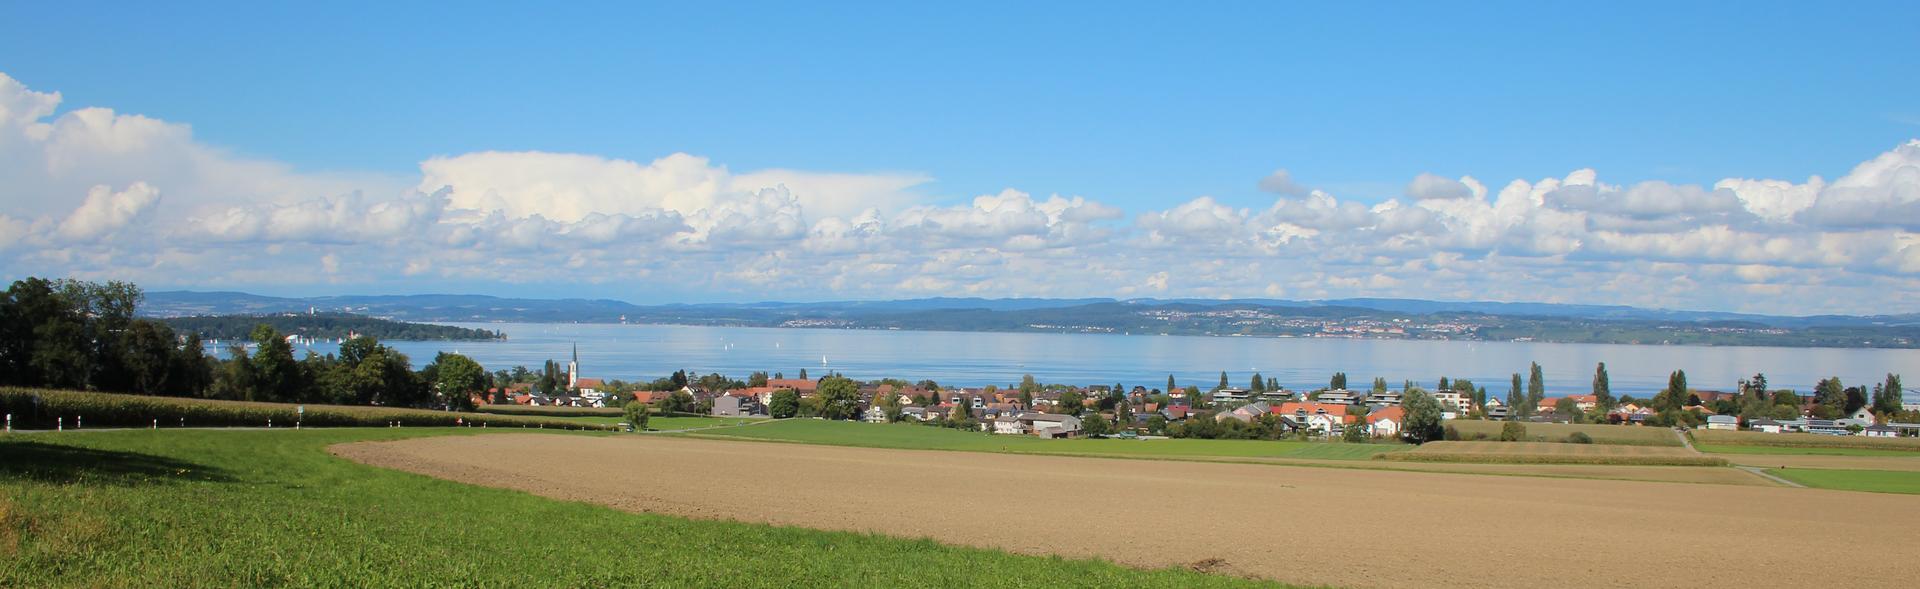 Ferienhaus Ferienwohnung Mit Seeblick Bodenseeferiende